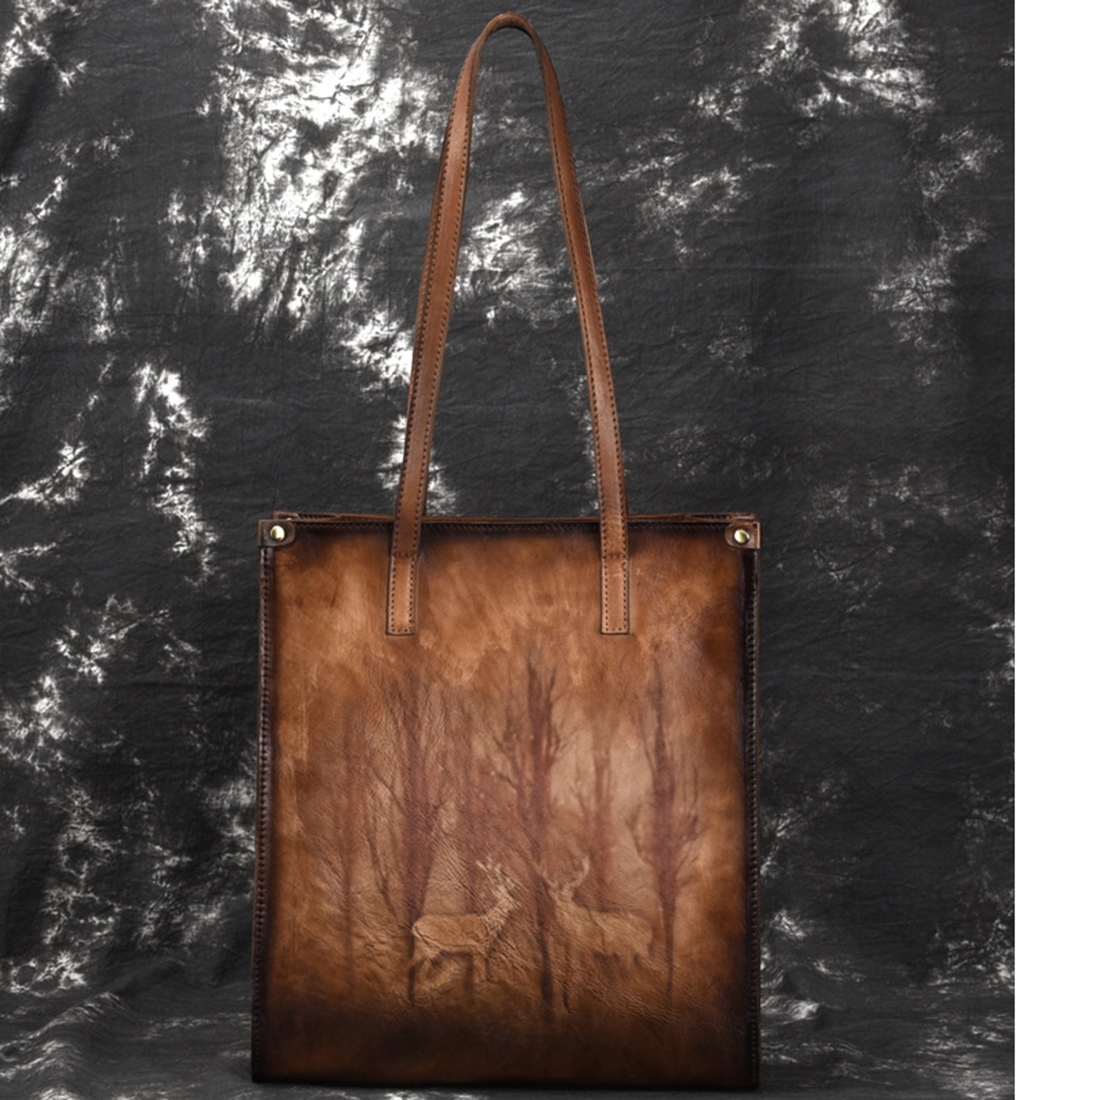 Real Cowhide Women Tote Bag Vintage Ladies Bags Deer/Floral Pattern Travel Large Capacity Genuine Leather Shopping HandbagReal Cowhide Women Tote Bag Vintage Ladies Bags Deer/Floral Pattern Travel Large Capacity Genuine Leather Shopping Handbag